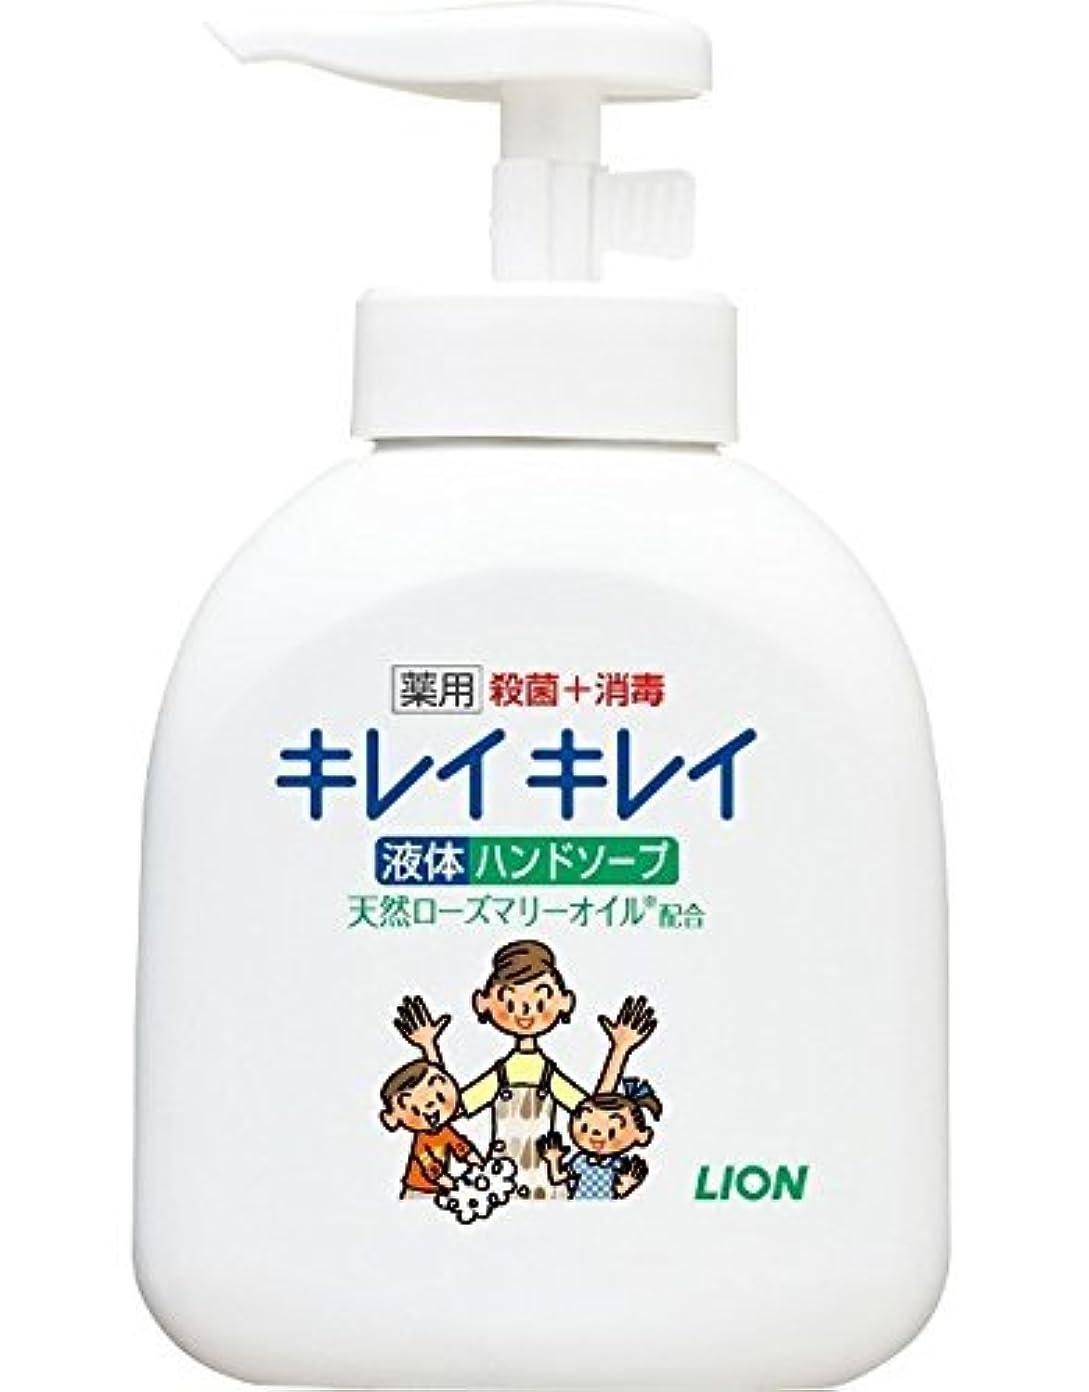 栄光の勝利ガイド【ライオン】キレイキレイ薬用液体ハンドソープ 本体ポンプ 250ml ×30個セット